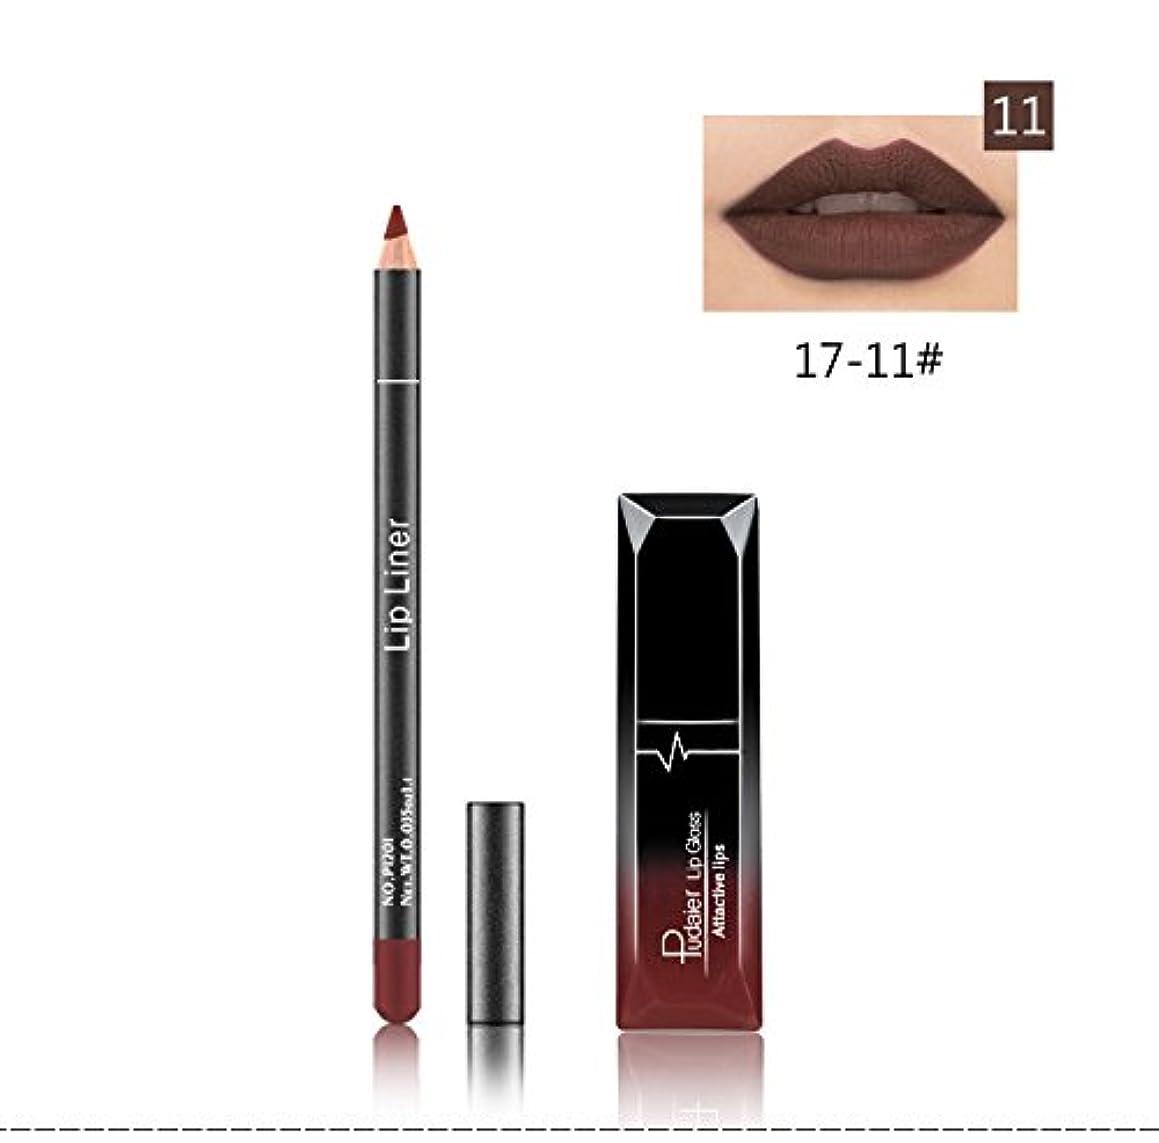 性別欠如仲良し(11) Pudaier 1pc Matte Liquid Lipstick Cosmetic Lip Kit+ 1 Pc Nude Lip Liner Pencil MakeUp Set Waterproof Long Lasting Lipstick Gfit